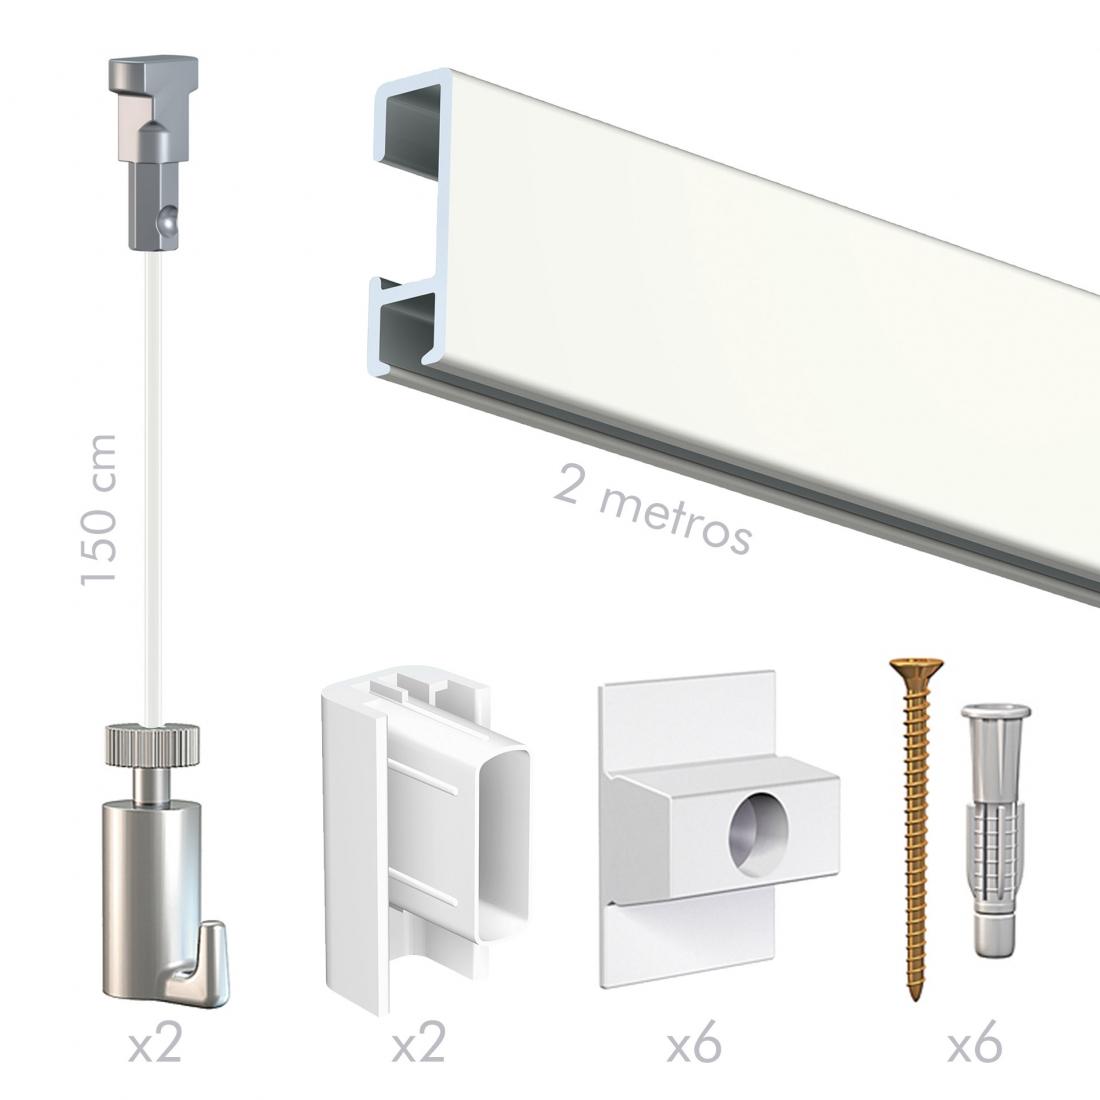 kit guia para colgar cuadros sin hacer agujeros blanca, de pared, artiteq con cable nylon y gancho colgador twister